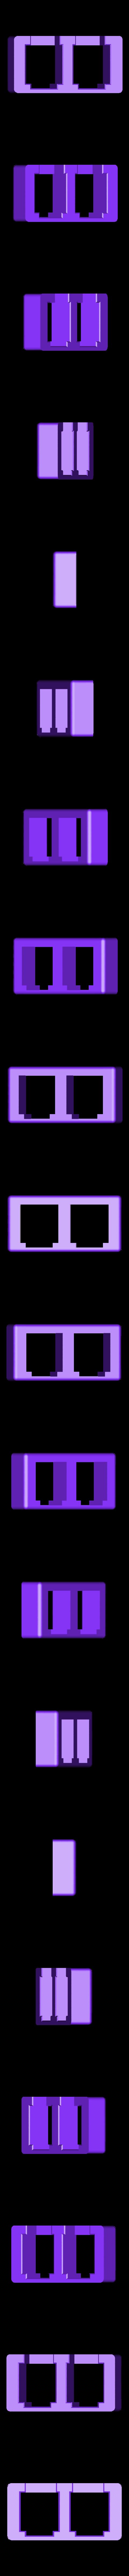 Heater_Clamp.stl Télécharger fichier STL gratuit Creator Pro - Collier de serrage du bloc chauffant (pour le changement de buse) • Objet pour imprimante 3D, 3D-Designs